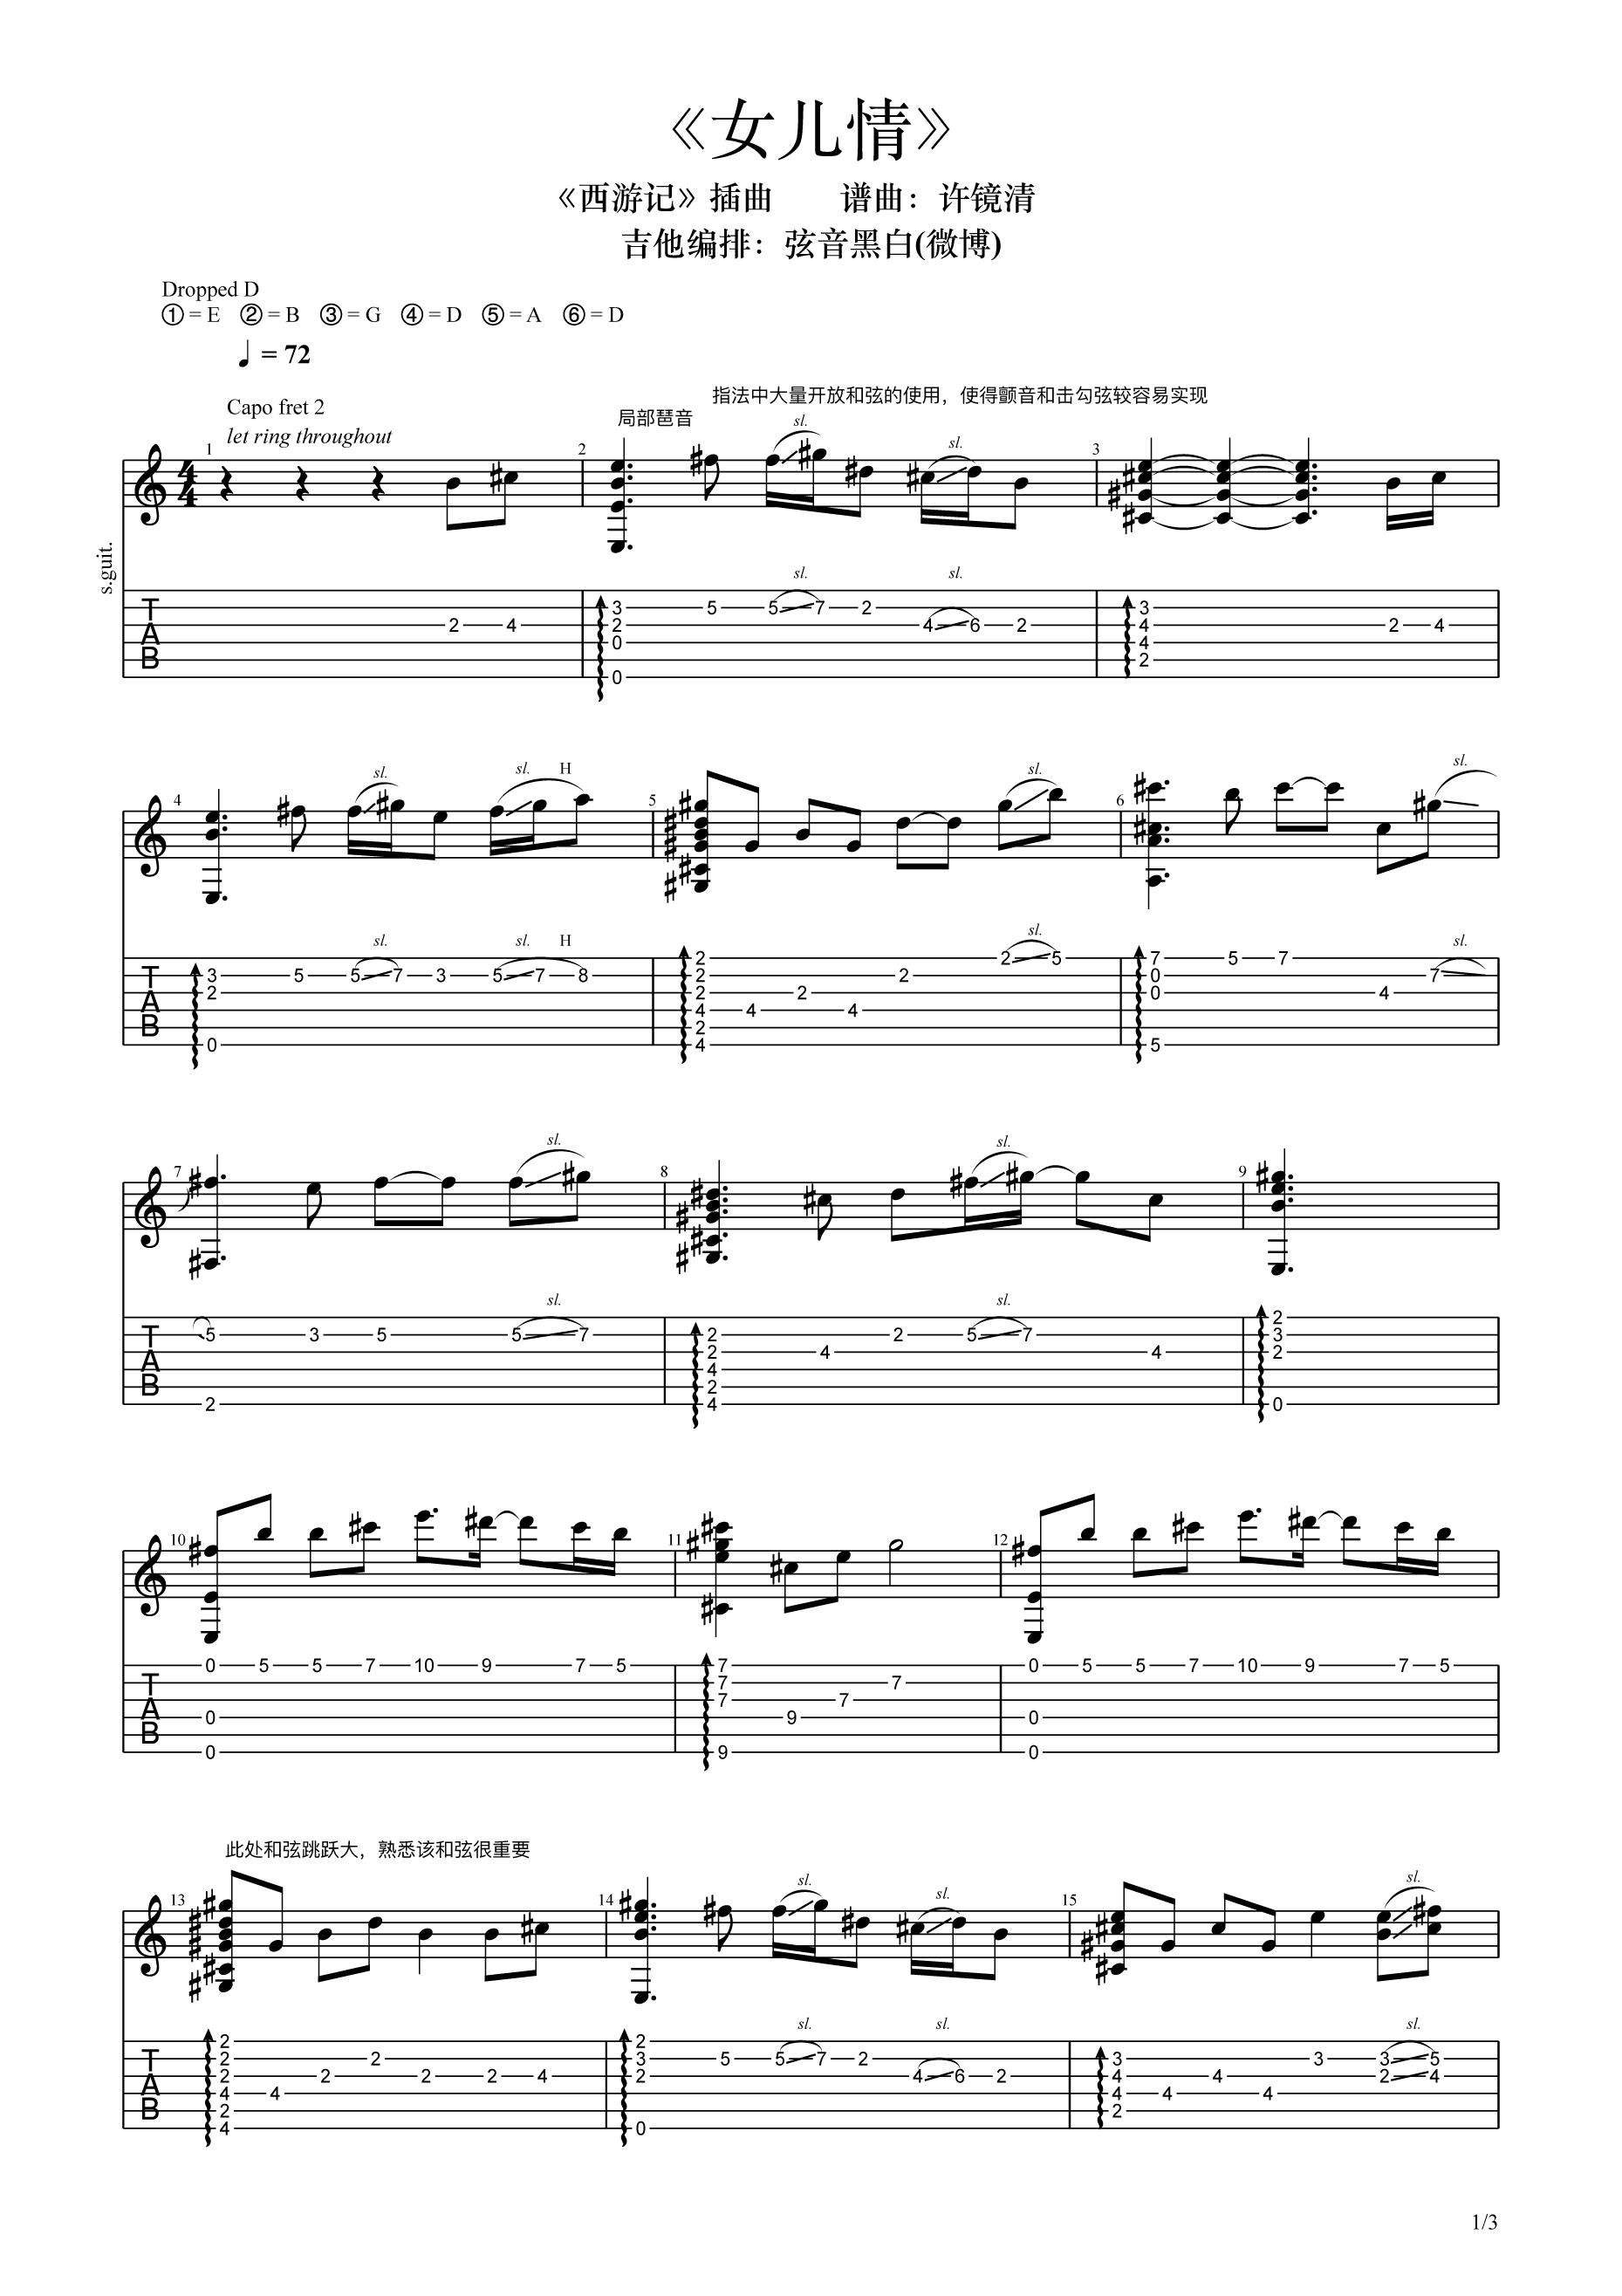 吉他派《女儿情》吉他谱指弹谱-1